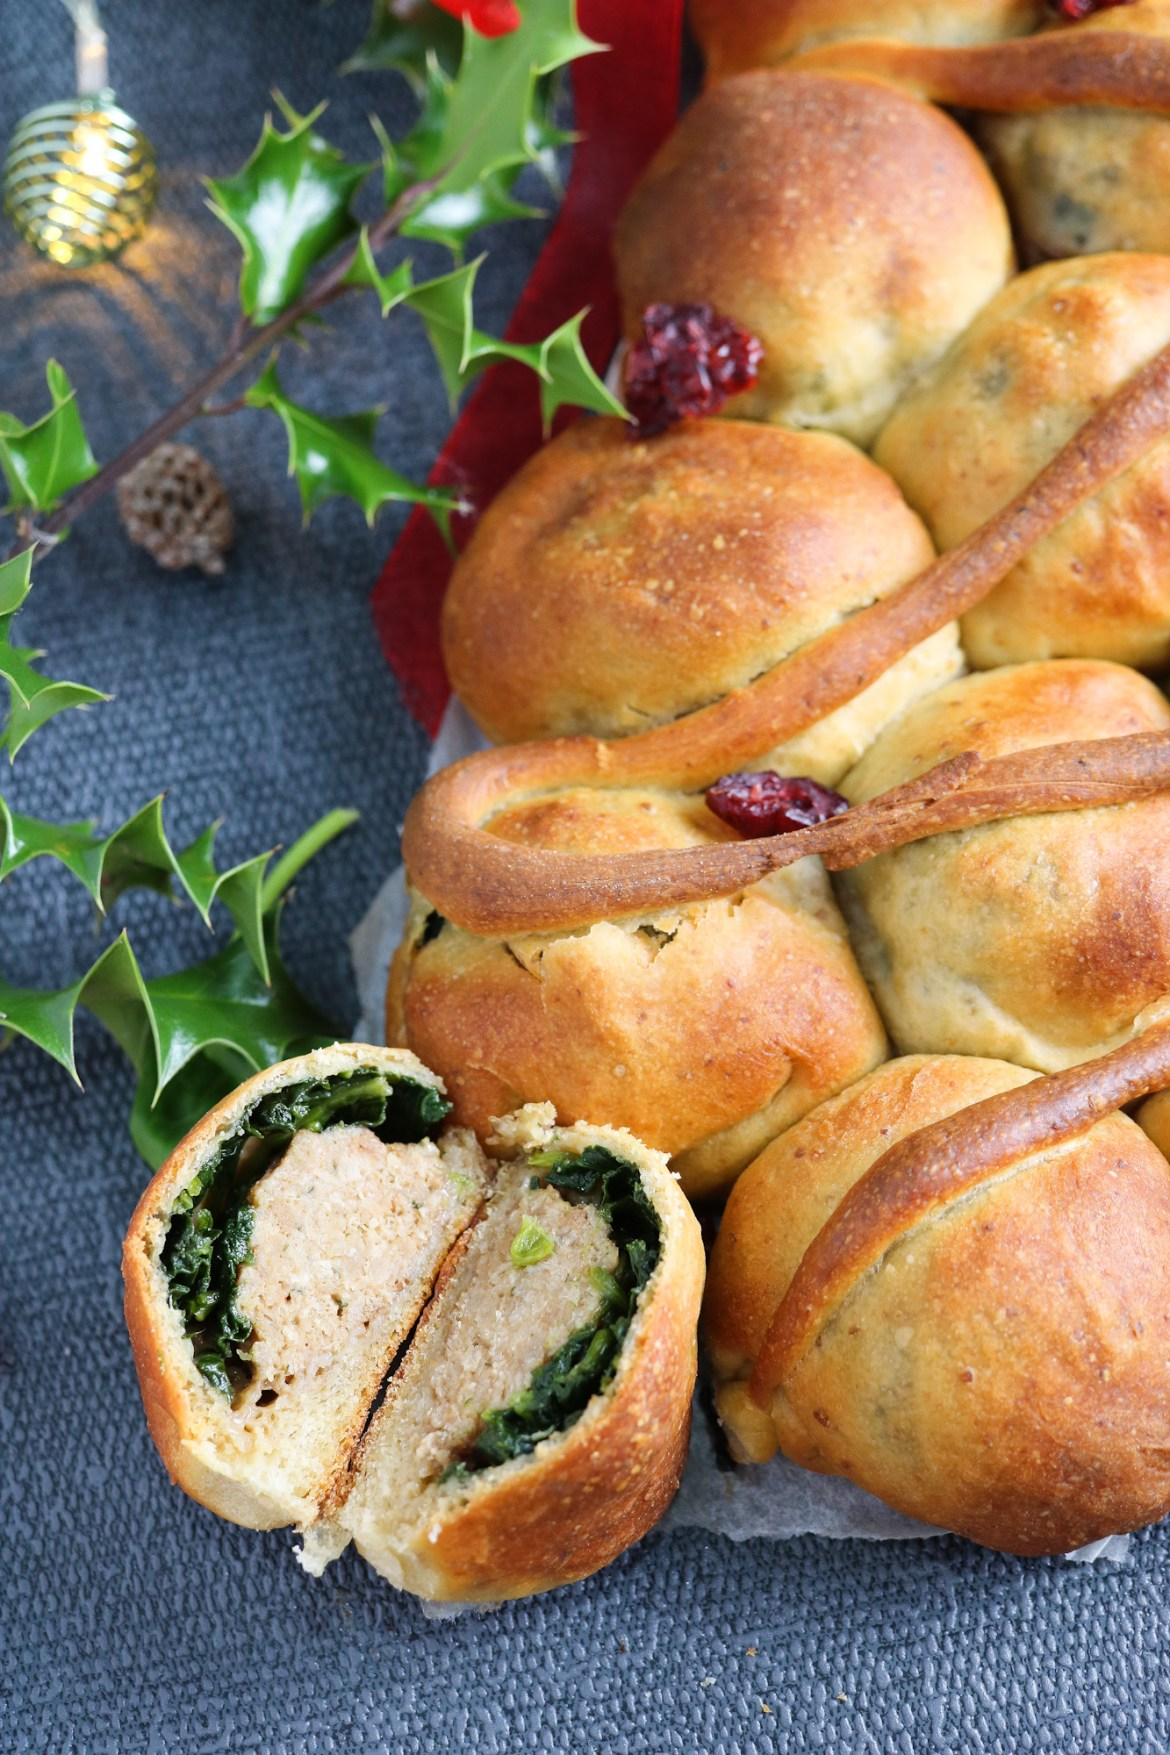 Albero Natalizio di Mini Pan Brioche Ripieni | Pull apart bread